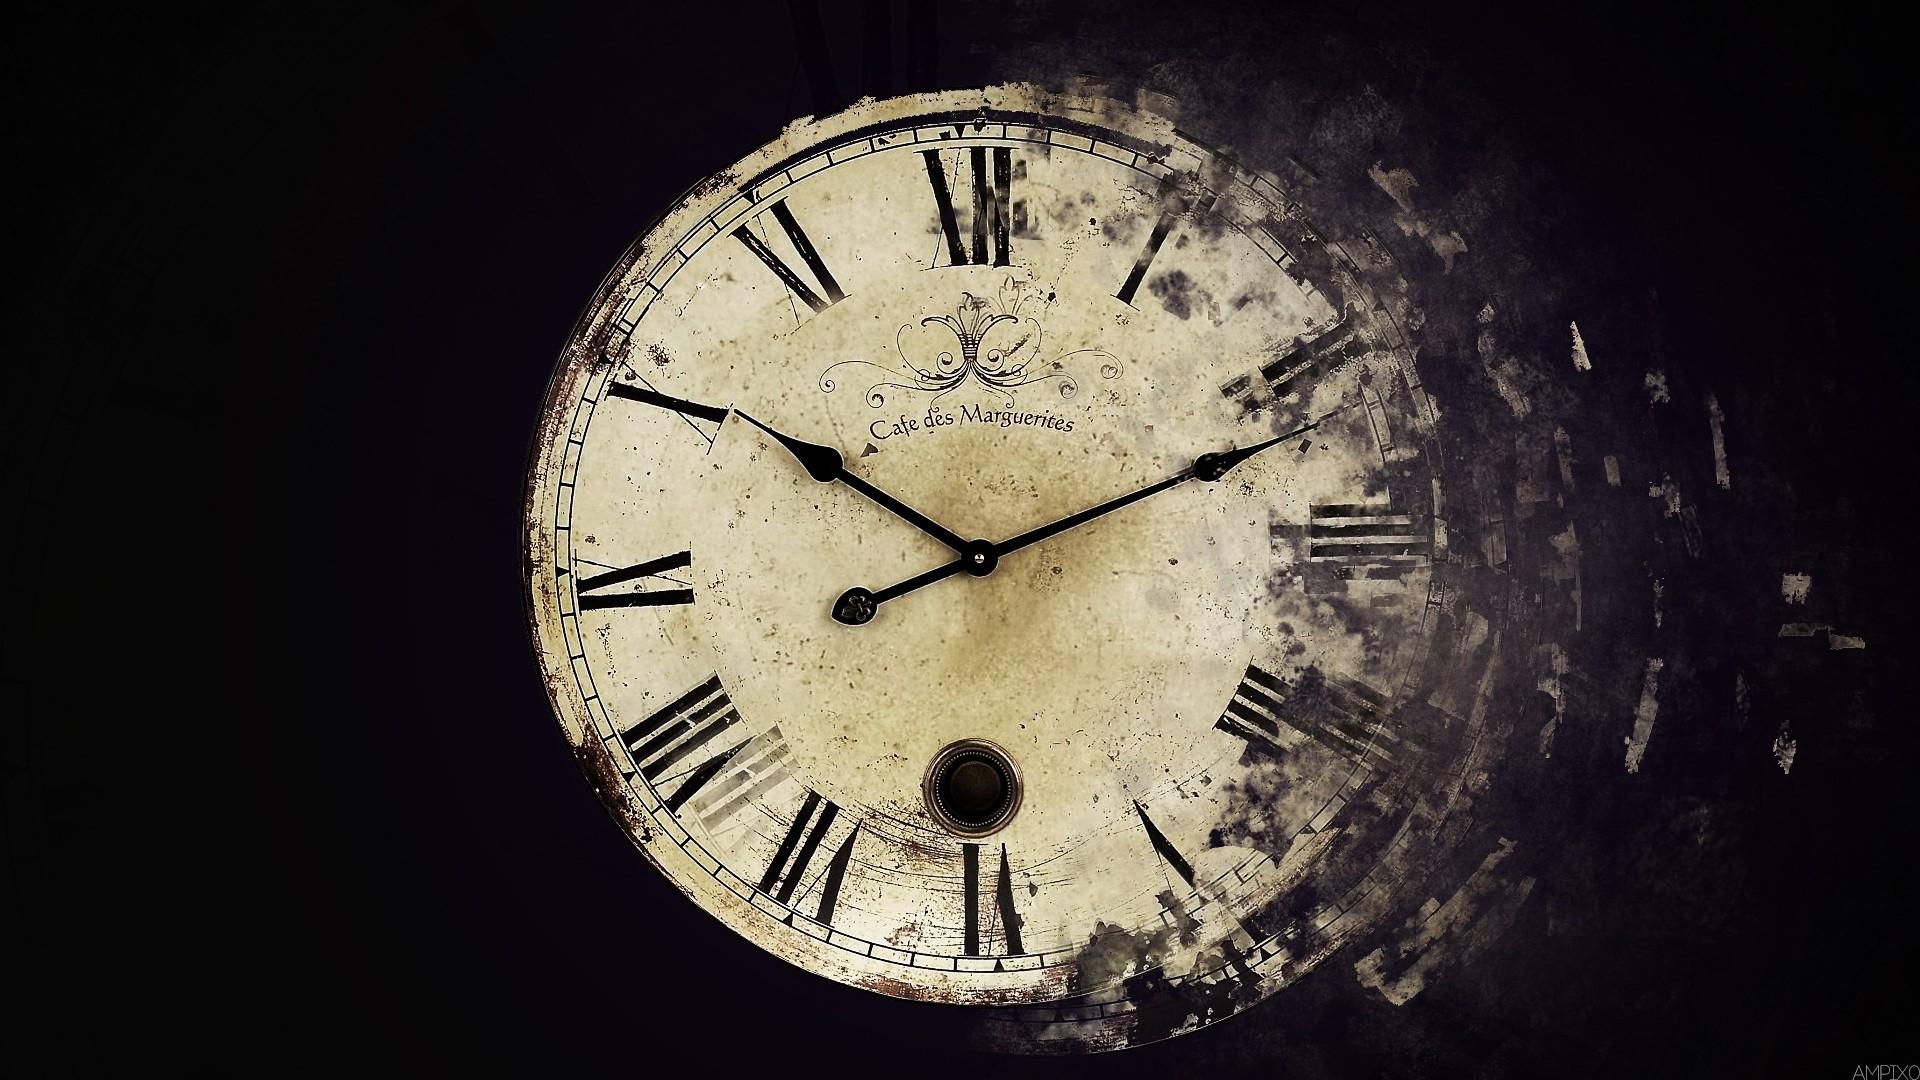 چرا وقتی خوشحالیم عقربههای ساعت میدوند؟!